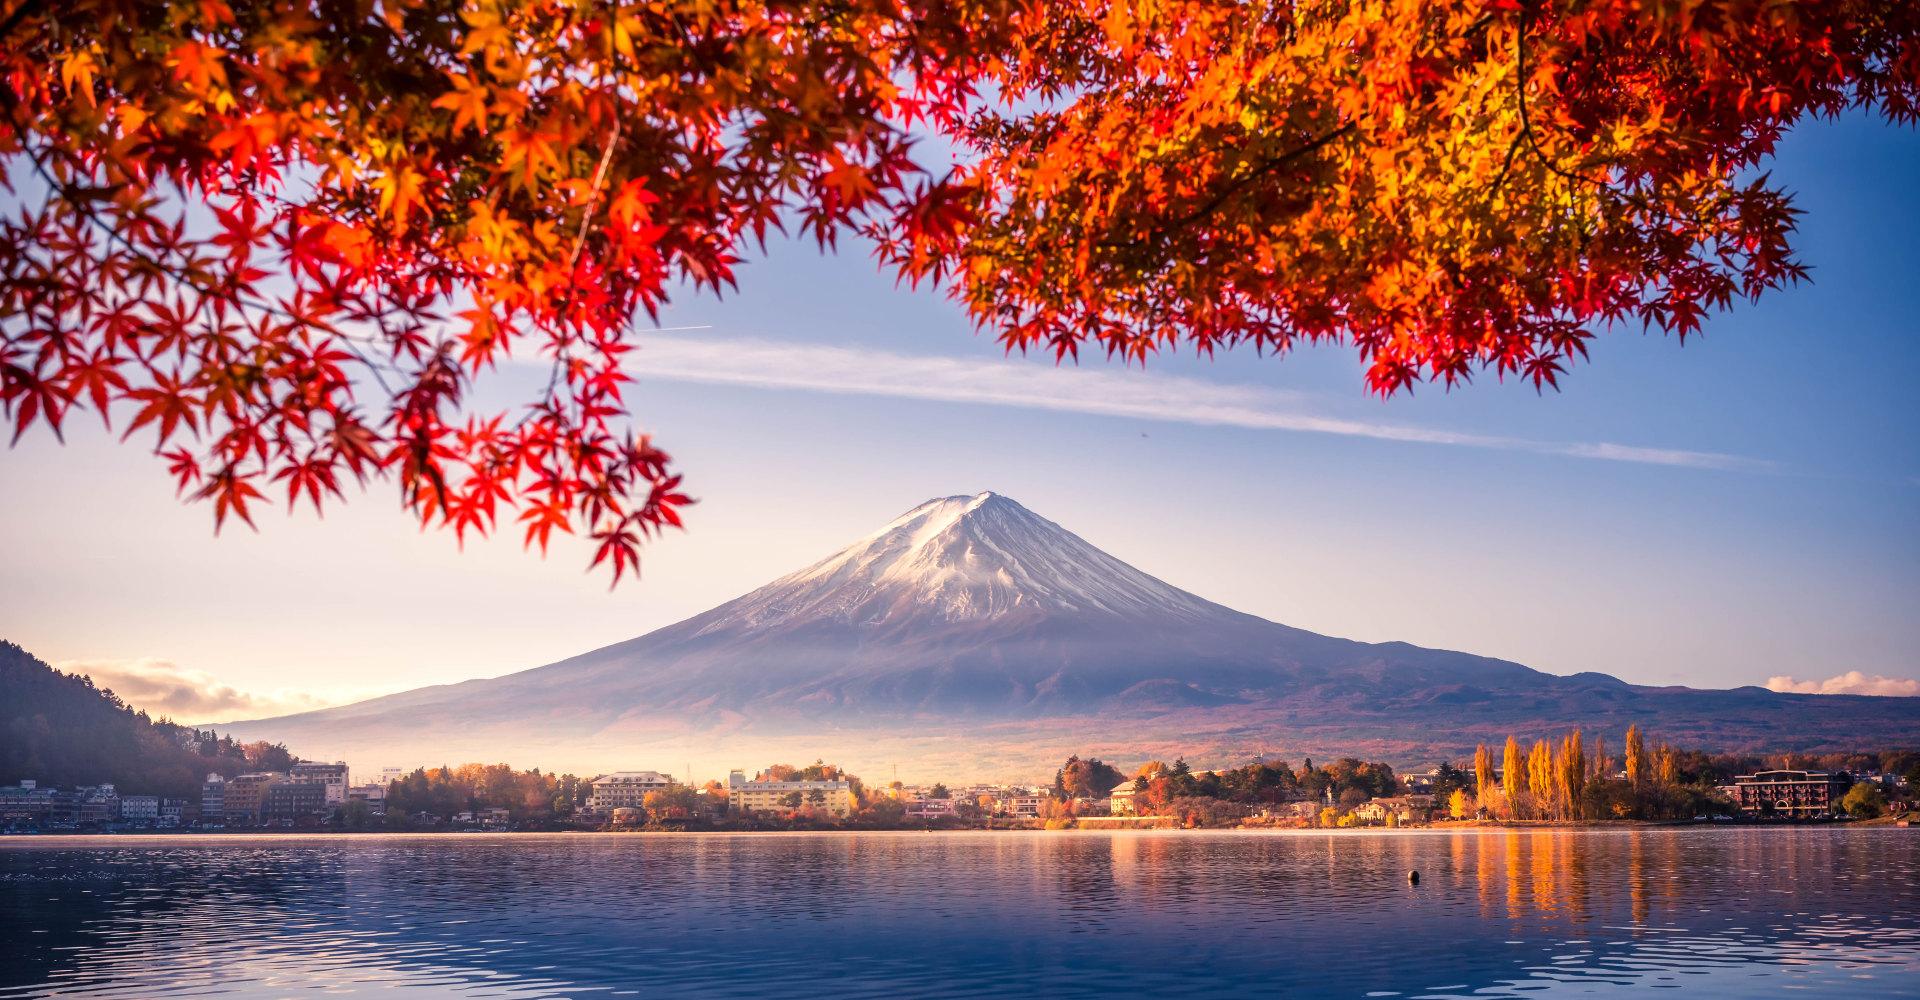 Fuji im Herbst, vom Kawaguchi-See aus betrachtet